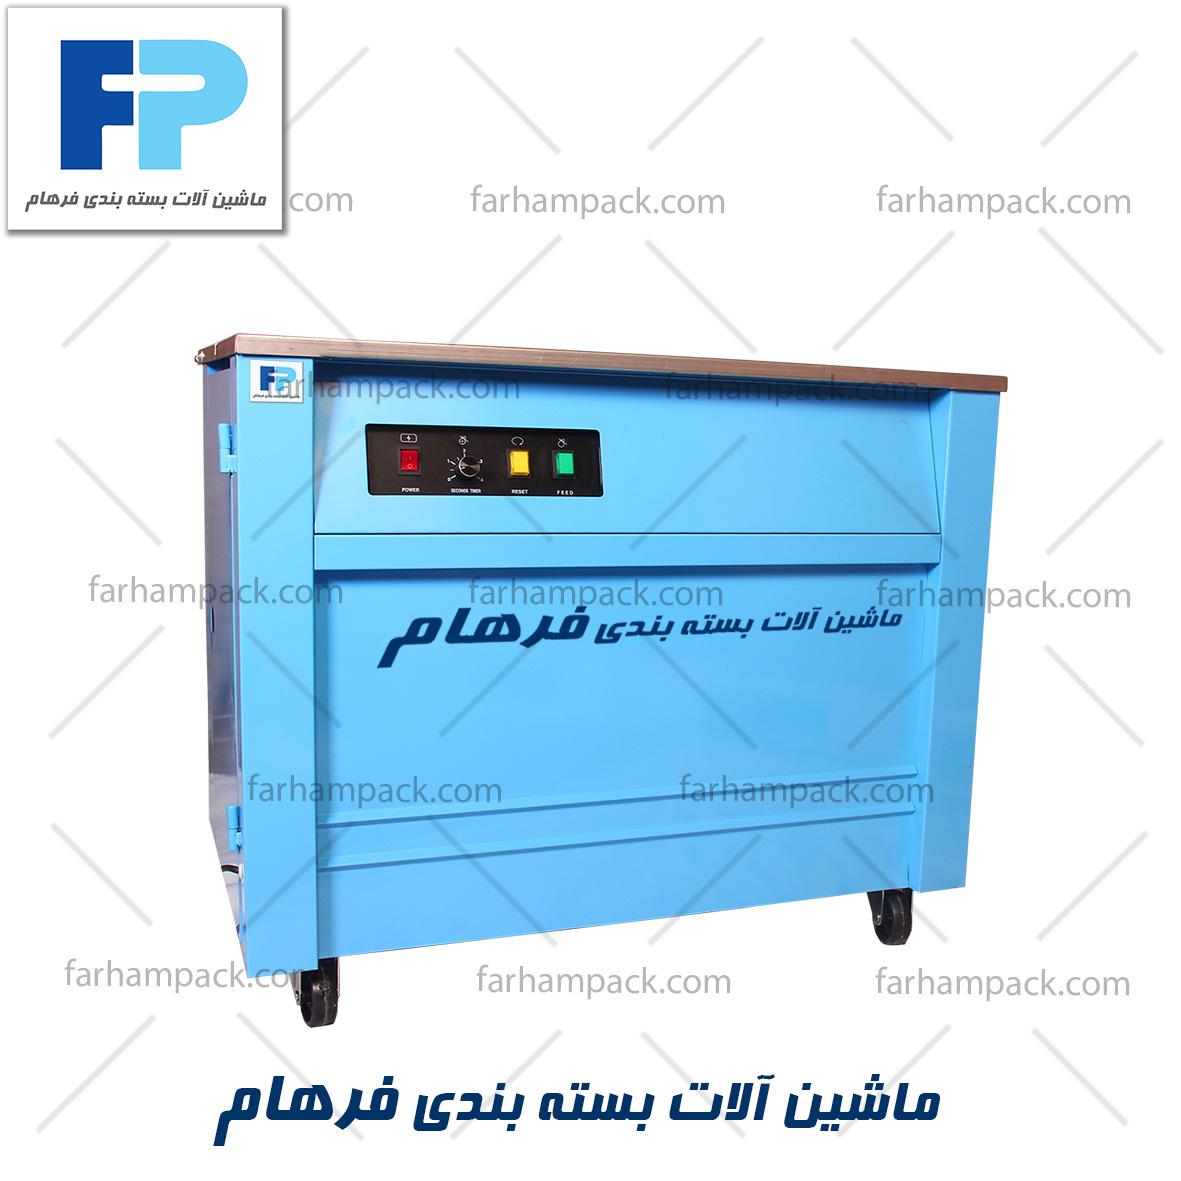 دستگاه تسمه کش کارتن نیمه اتوماتیک کابینی قابلیت تنظیم کشش و تغذیه اتوماتیک تسمه را داراست .